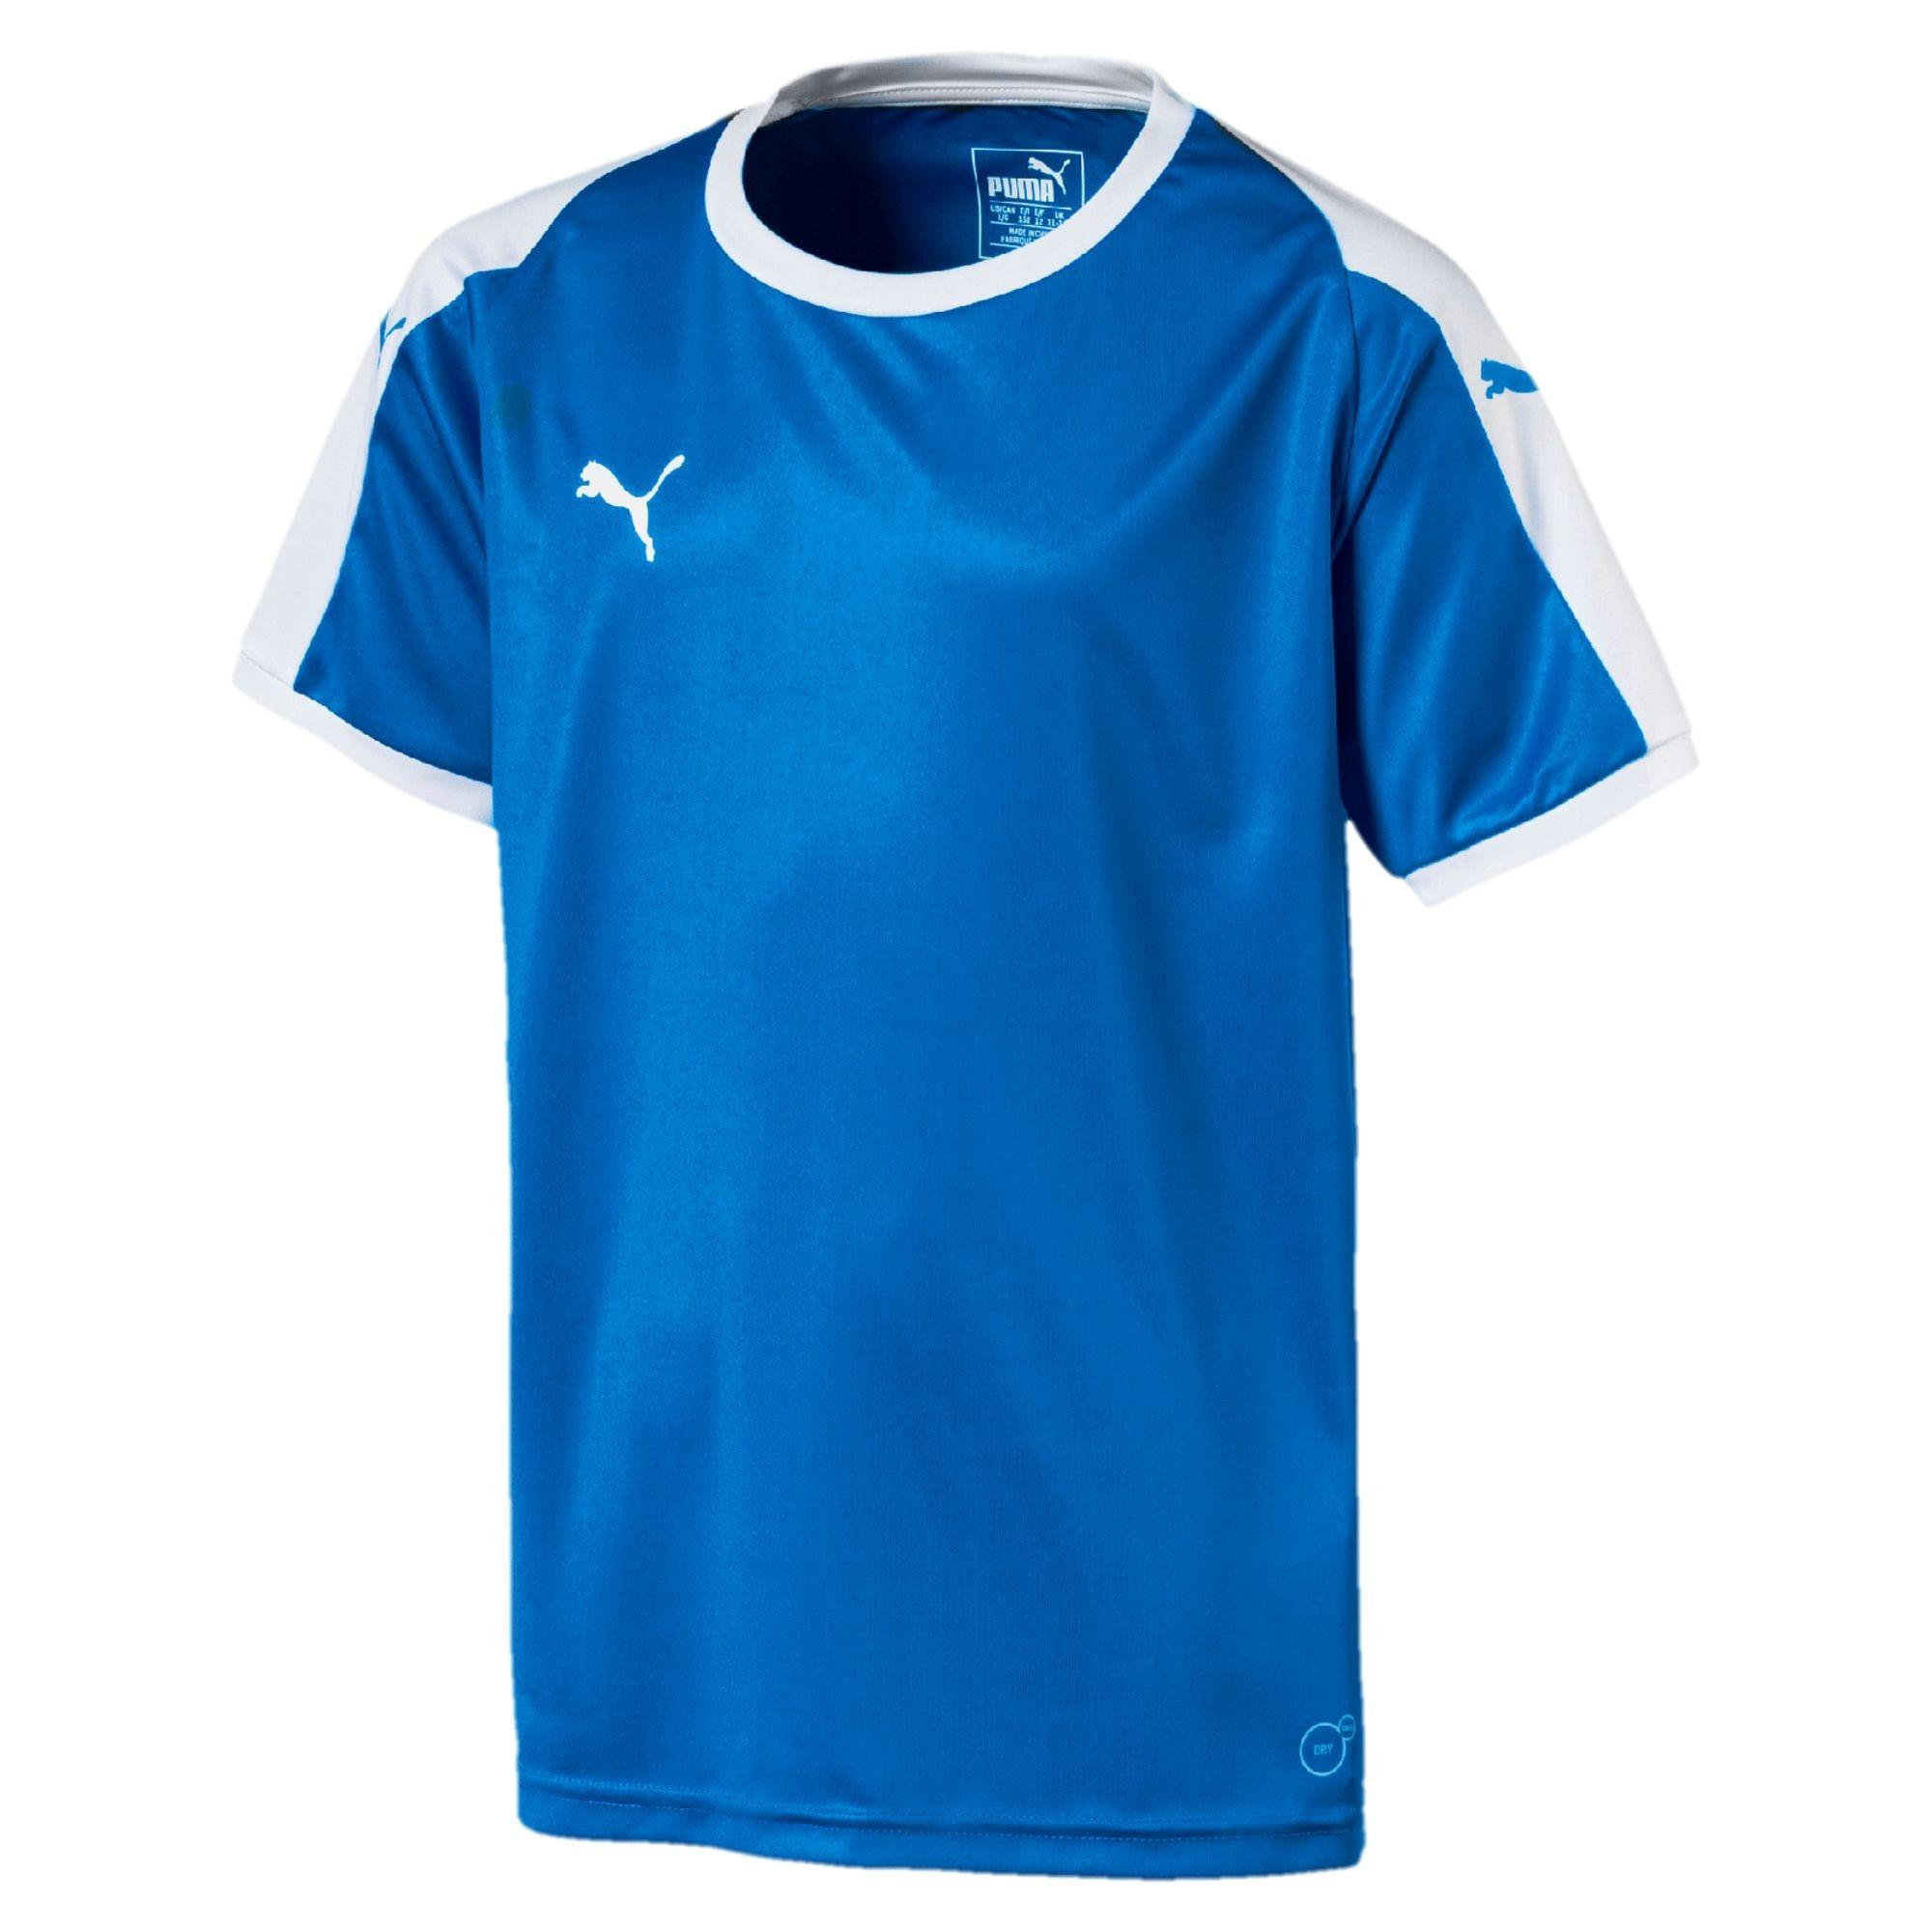 Puma Liga Fotball Kortermet Spillertrøye Barn Blå